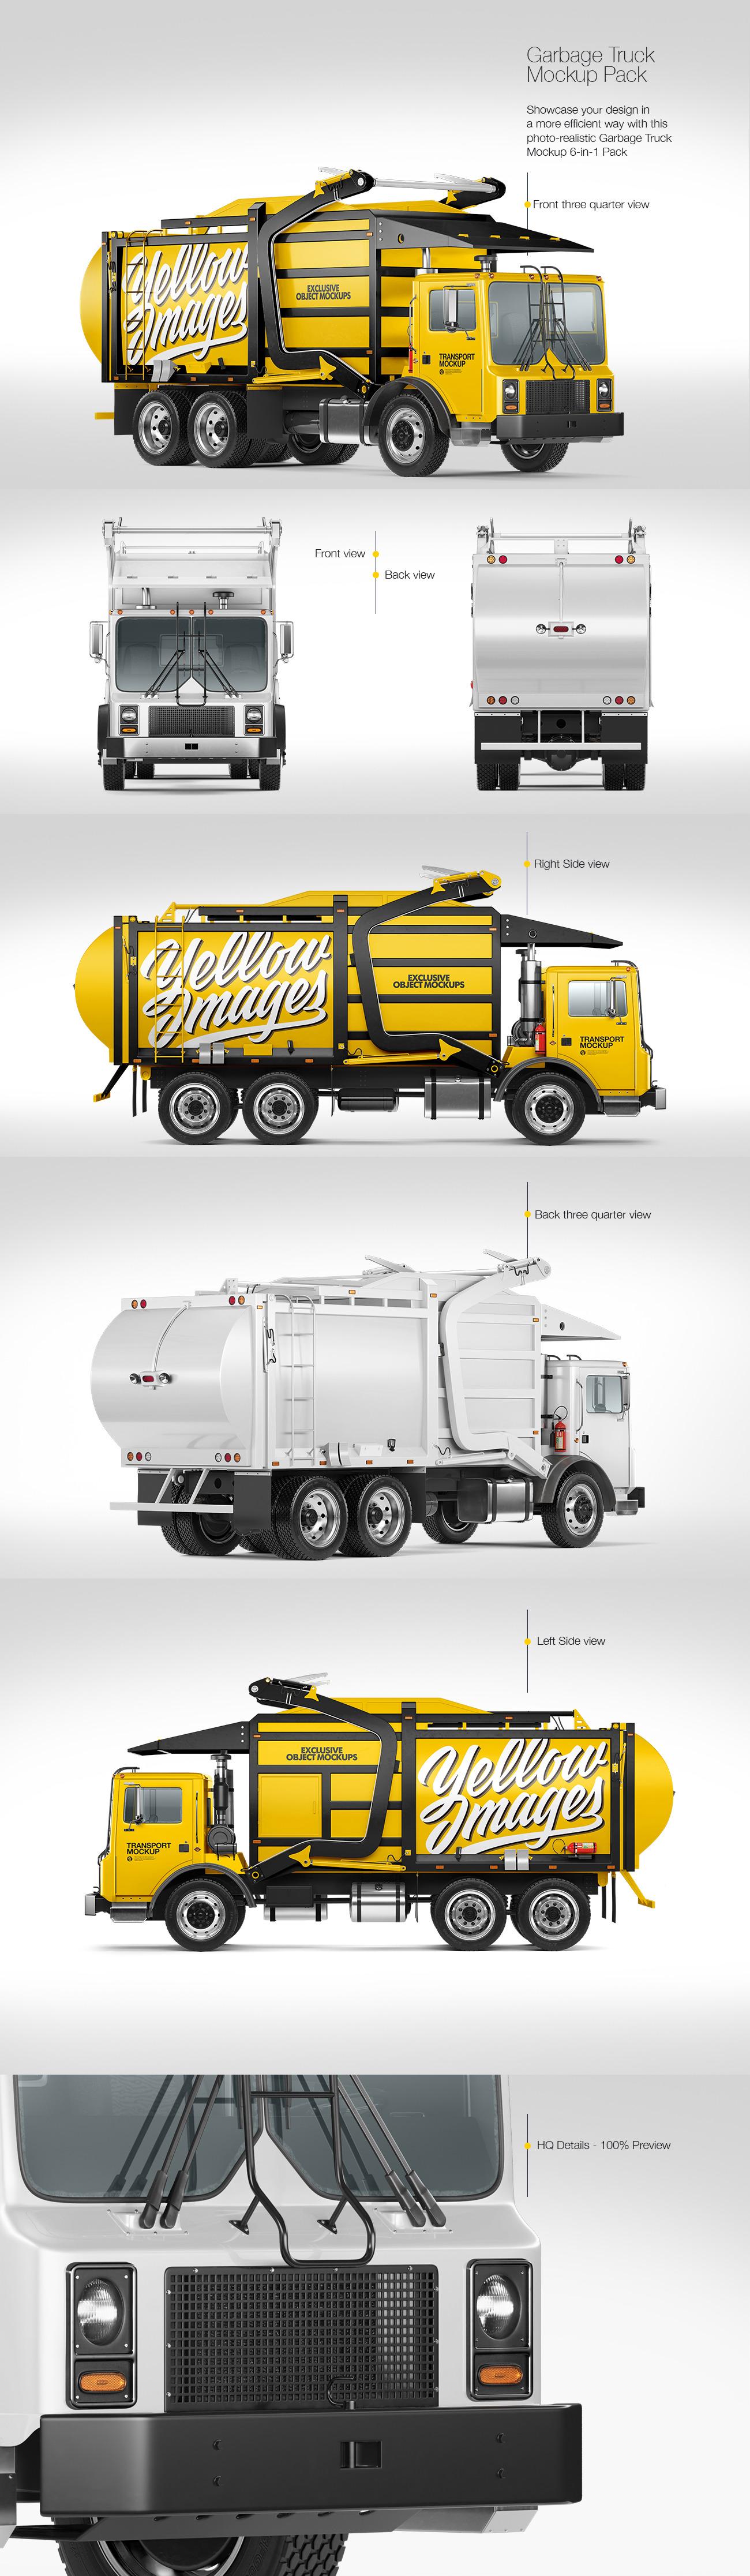 Garbage Truck Mockup Pack